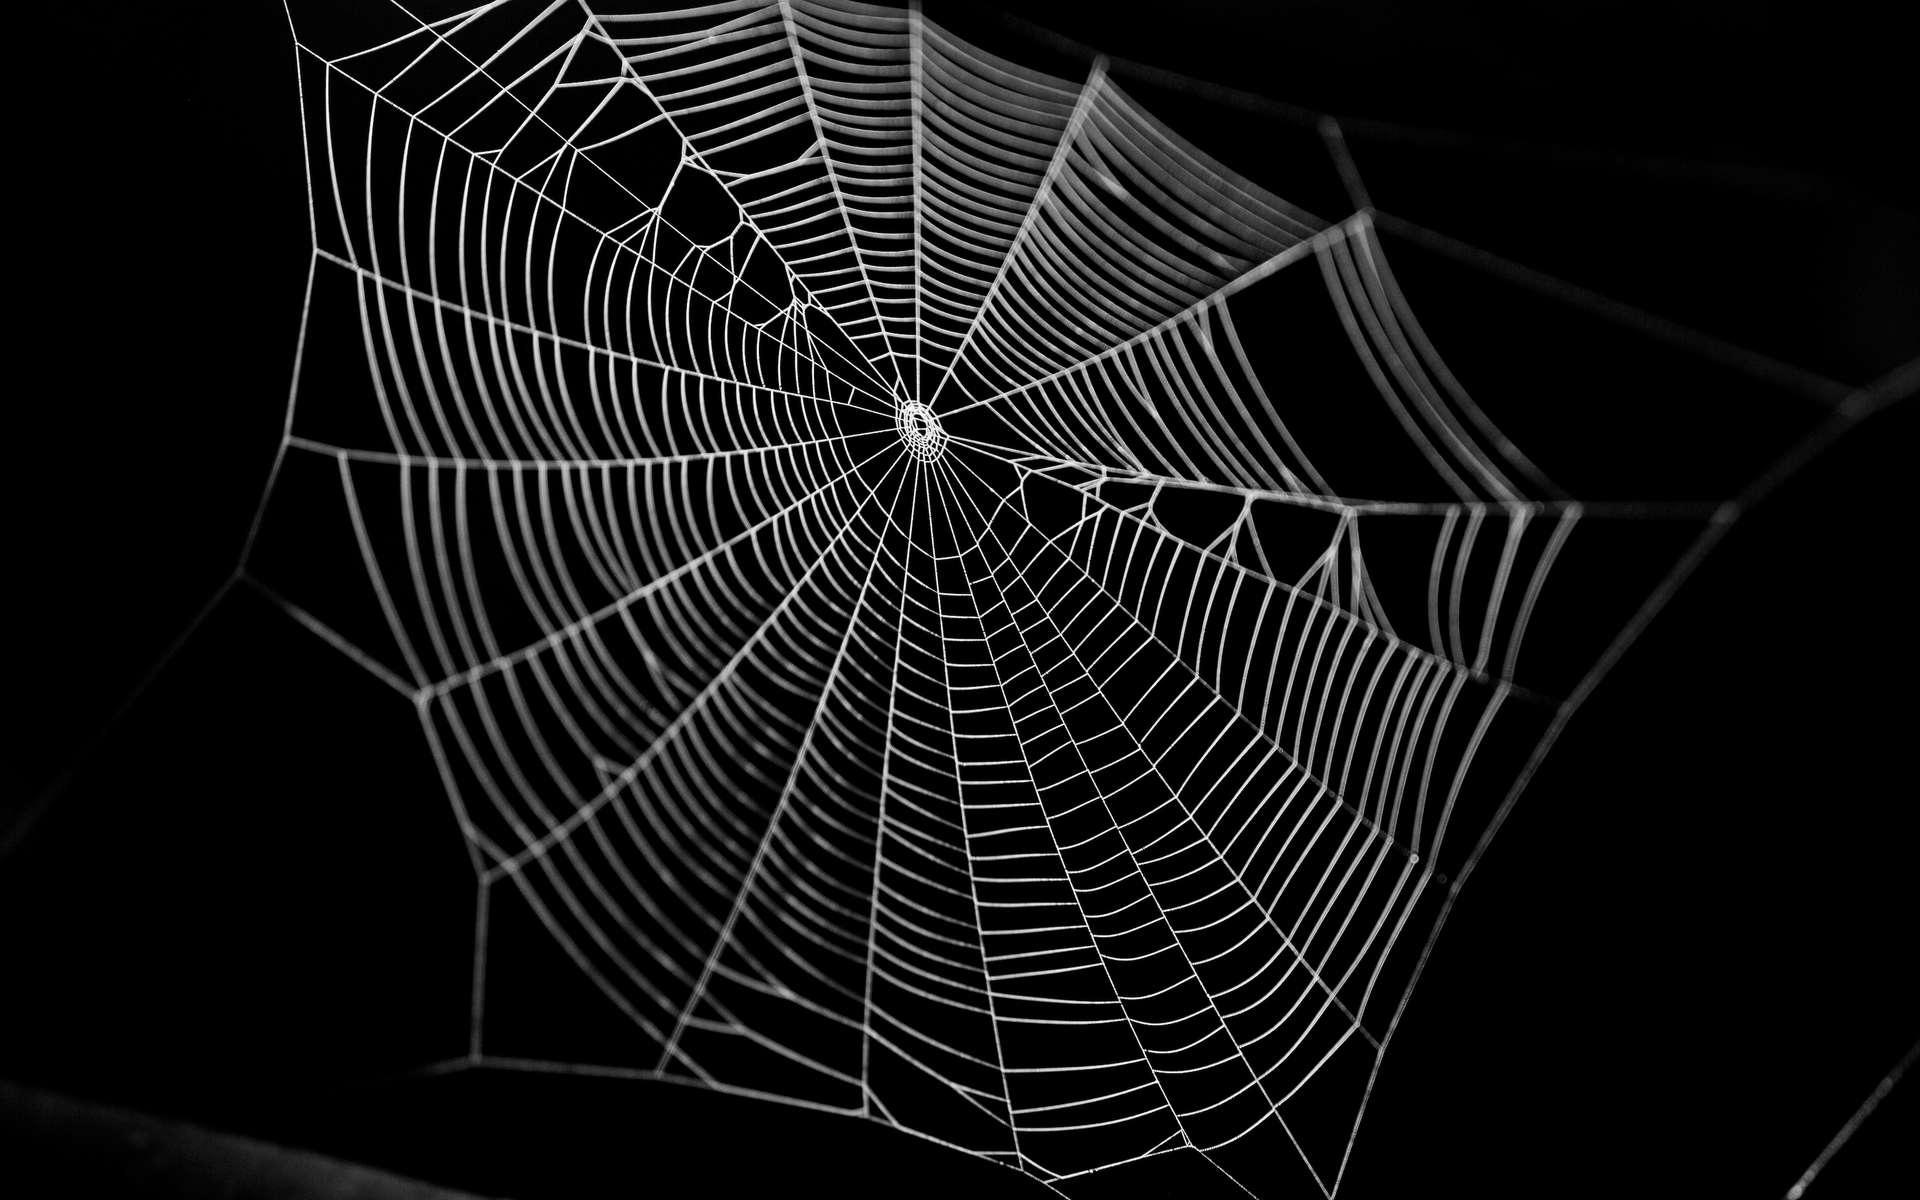 Des chercheurs mettent en musique une toile d'araignée pour communiquer avec elle : écoutez, c'est surprenant !